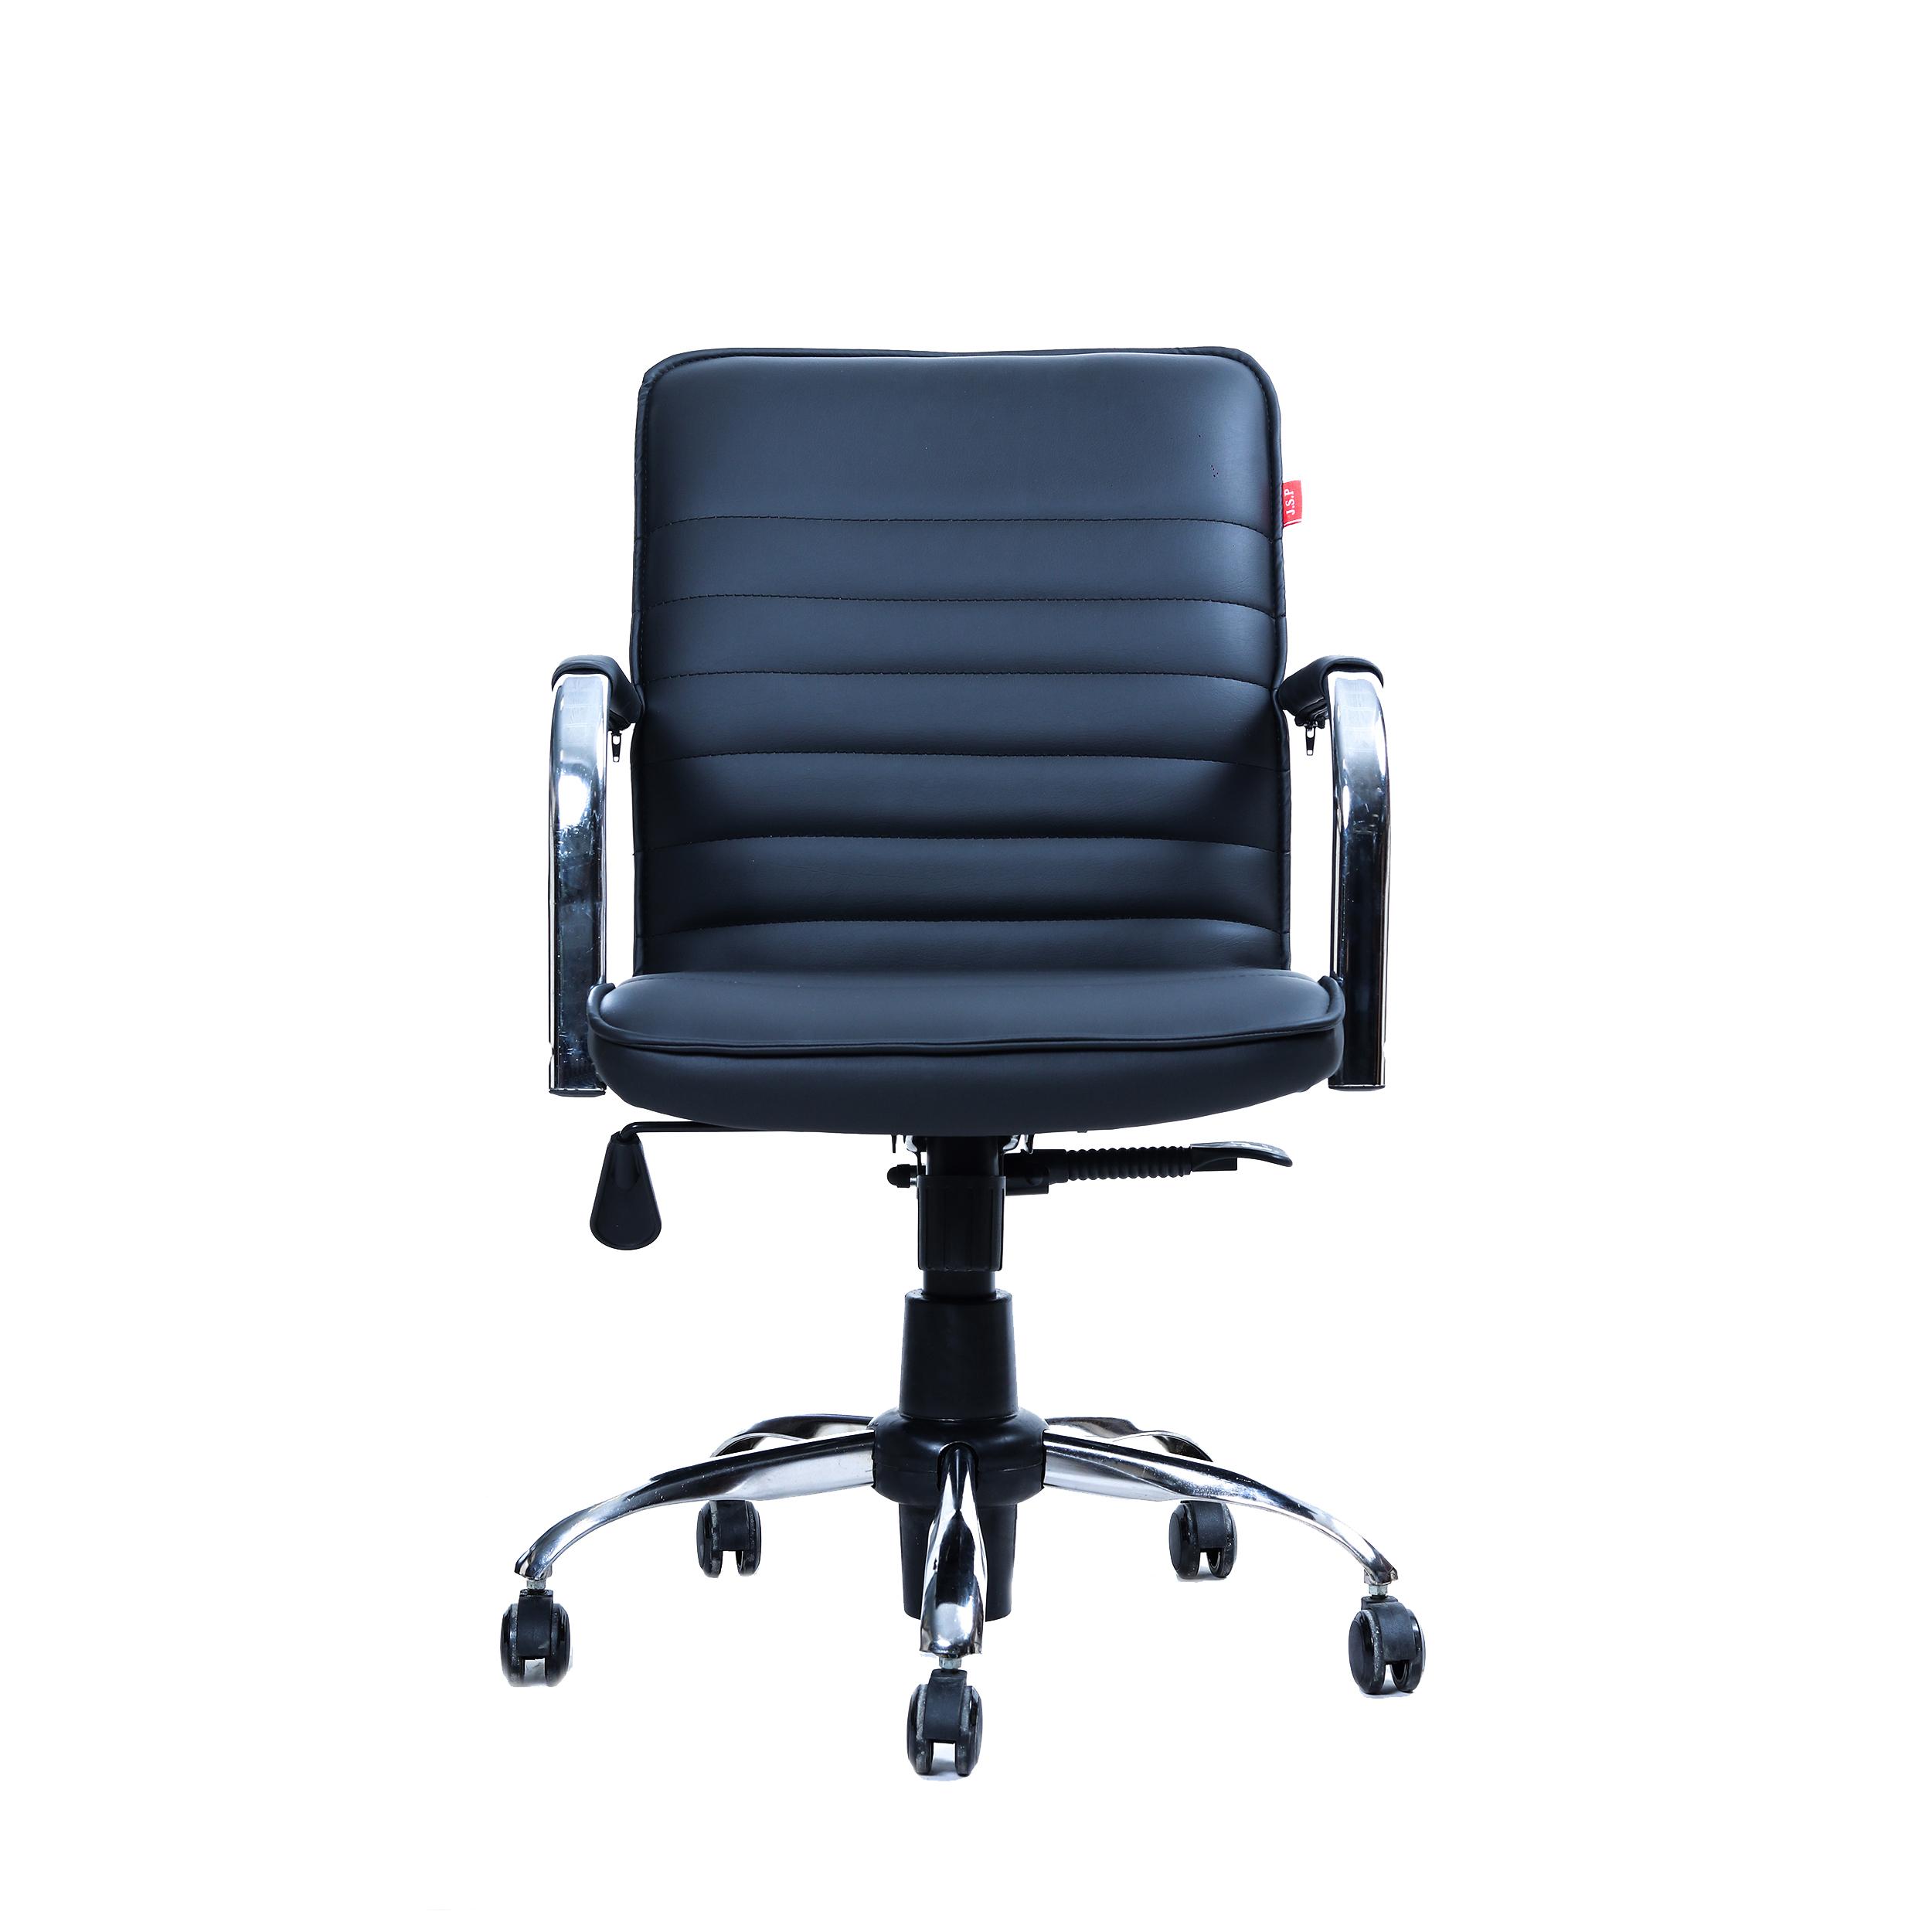 صندلی اداری جی اس پی مدل K2017